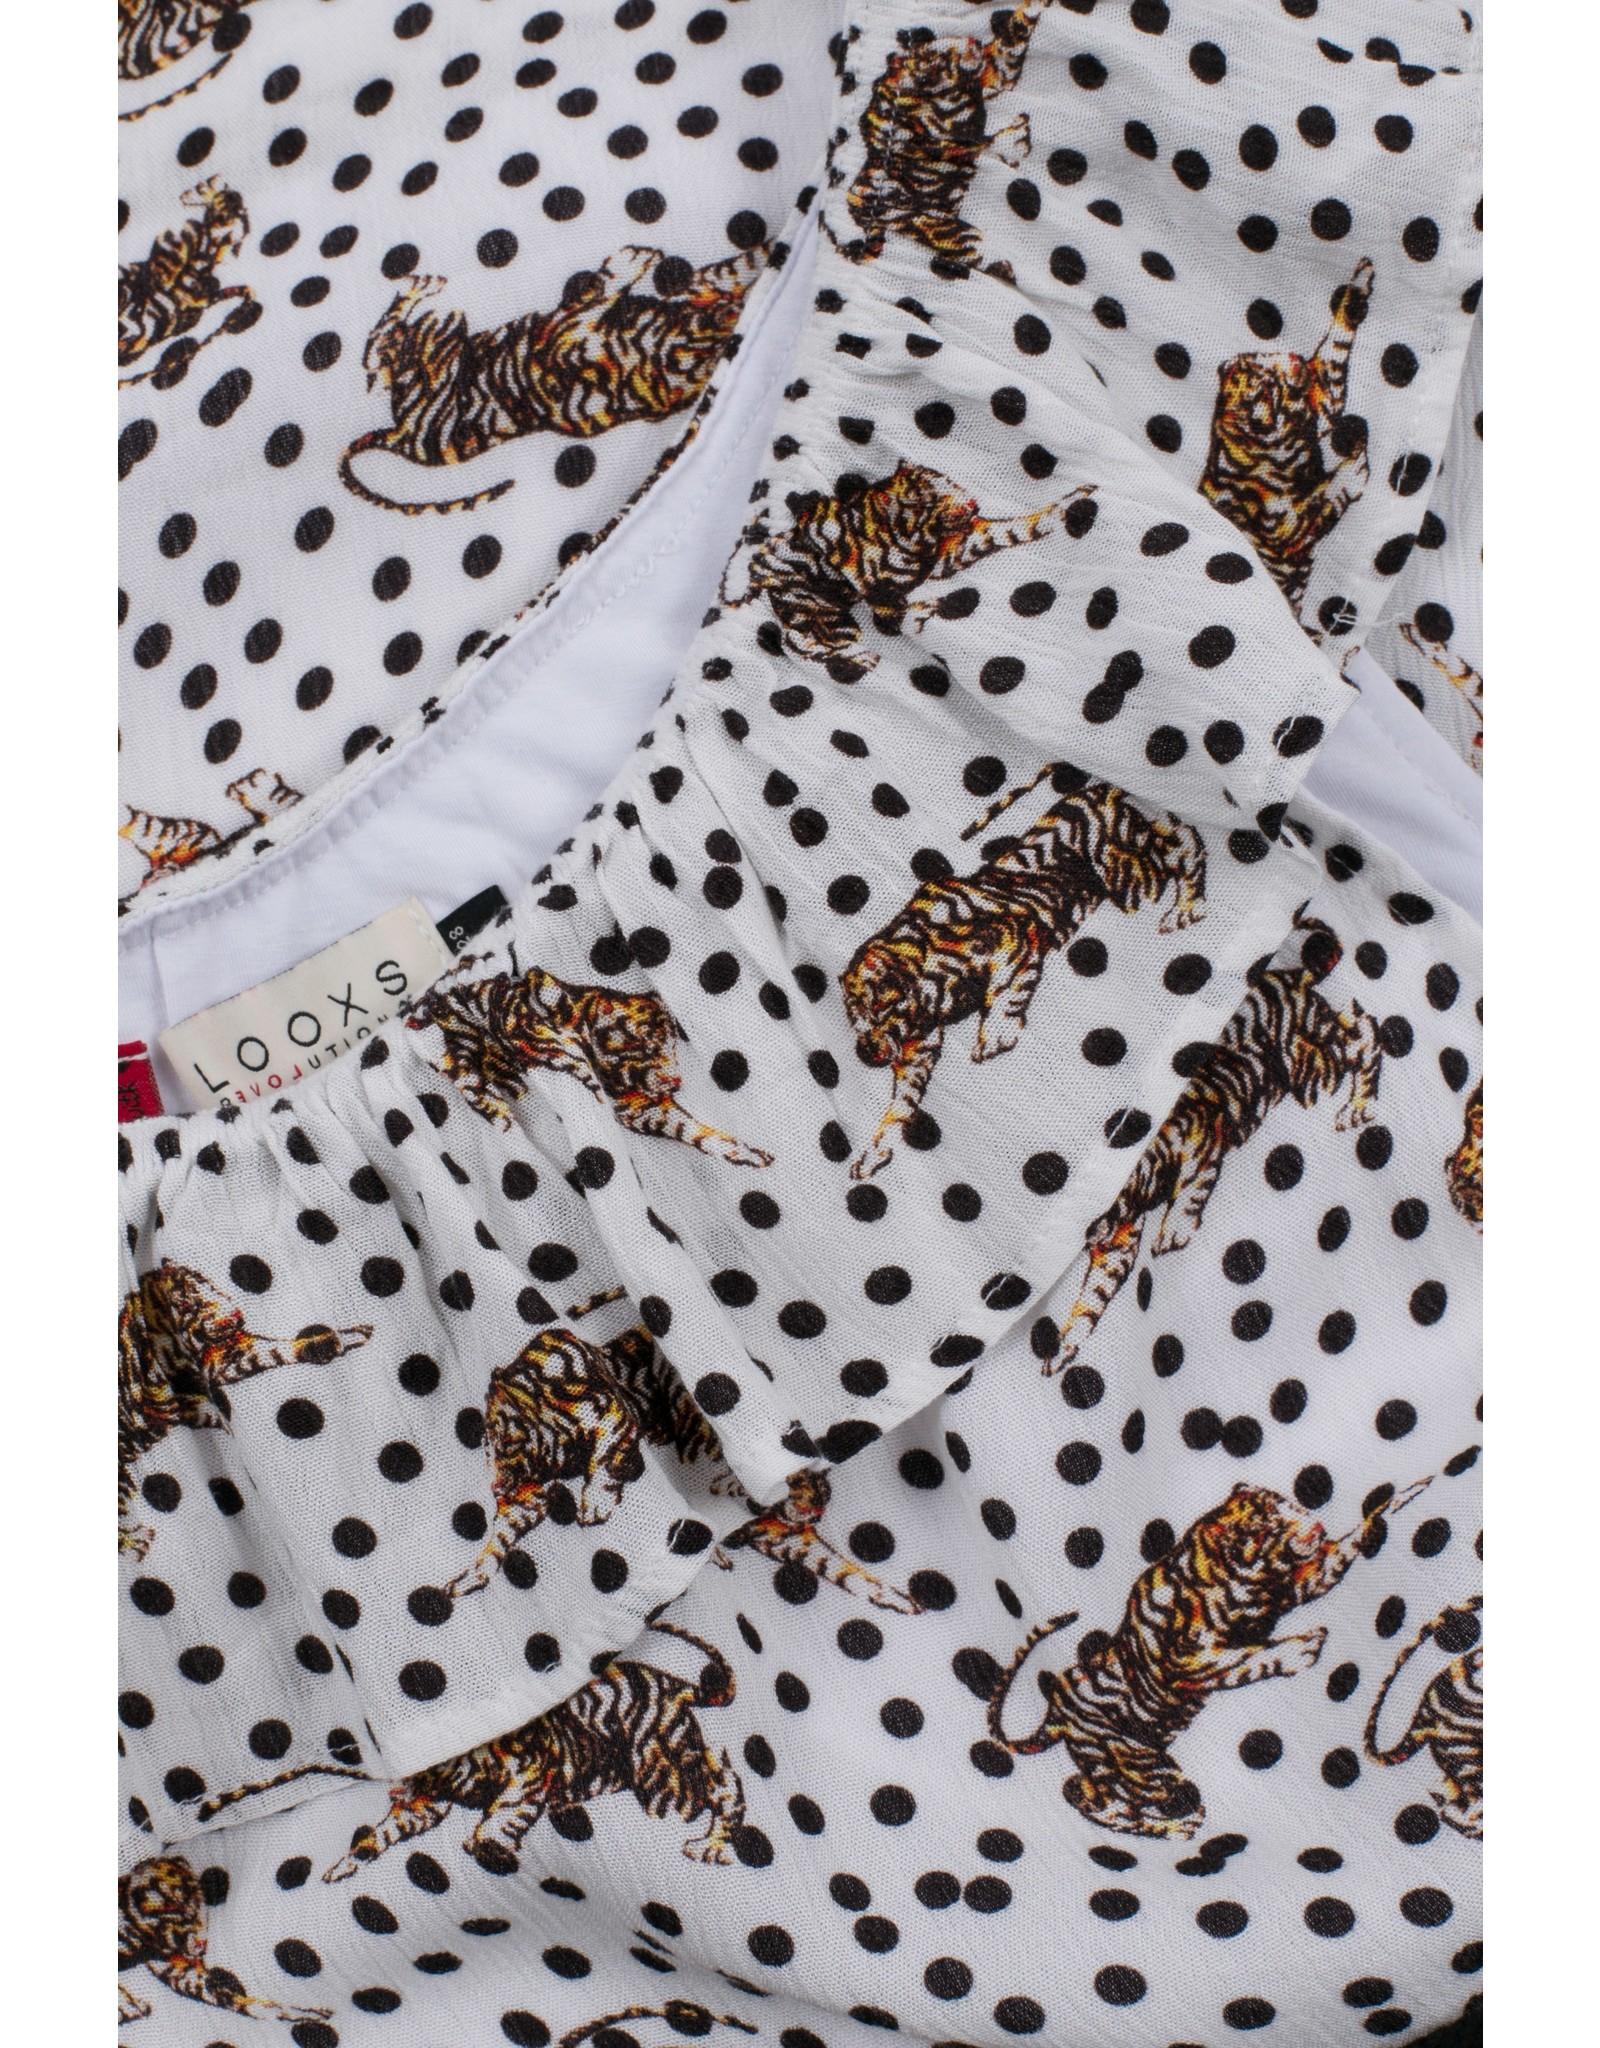 Looxs Jurk printed crinkle 292 tiger